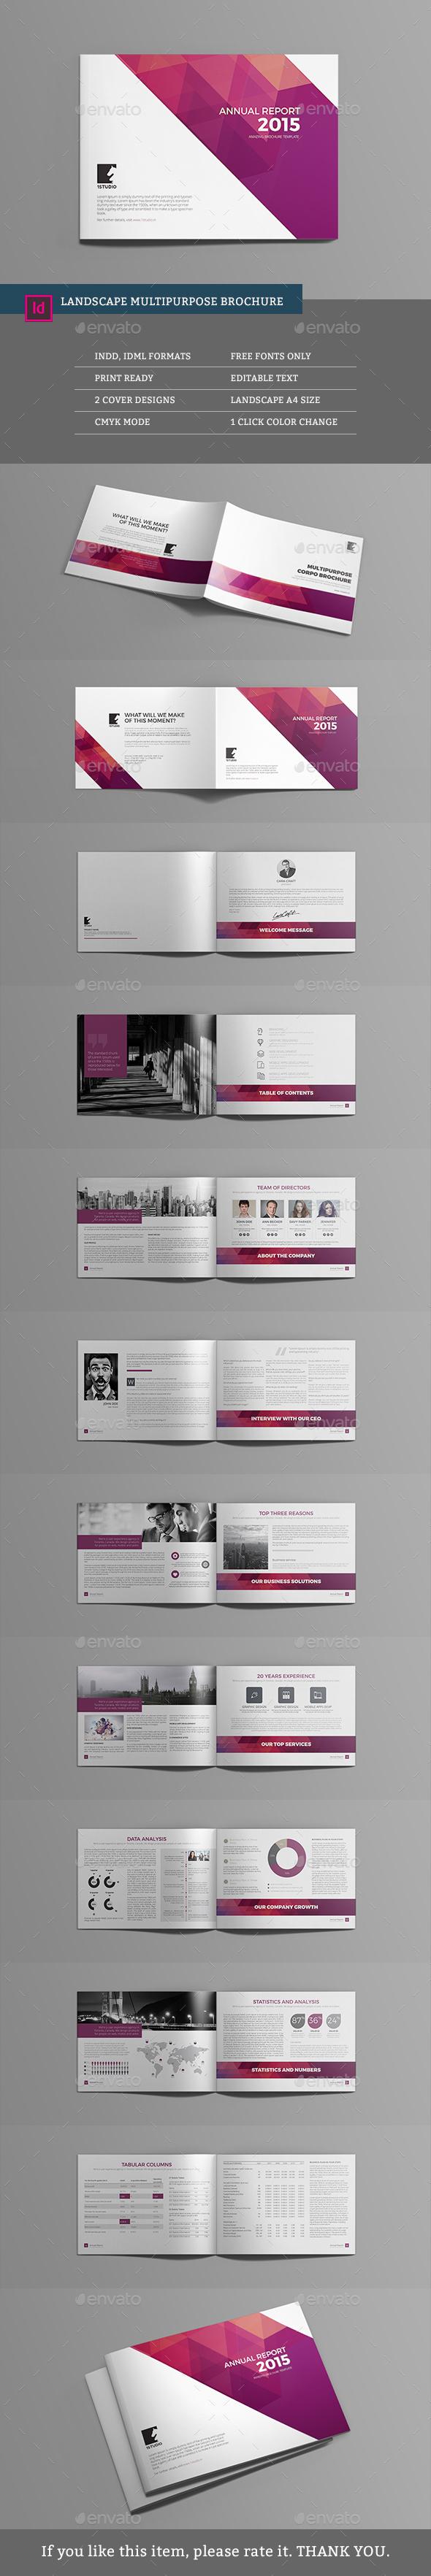 Landscape Multipurpose Brochure - Corporate Brochures